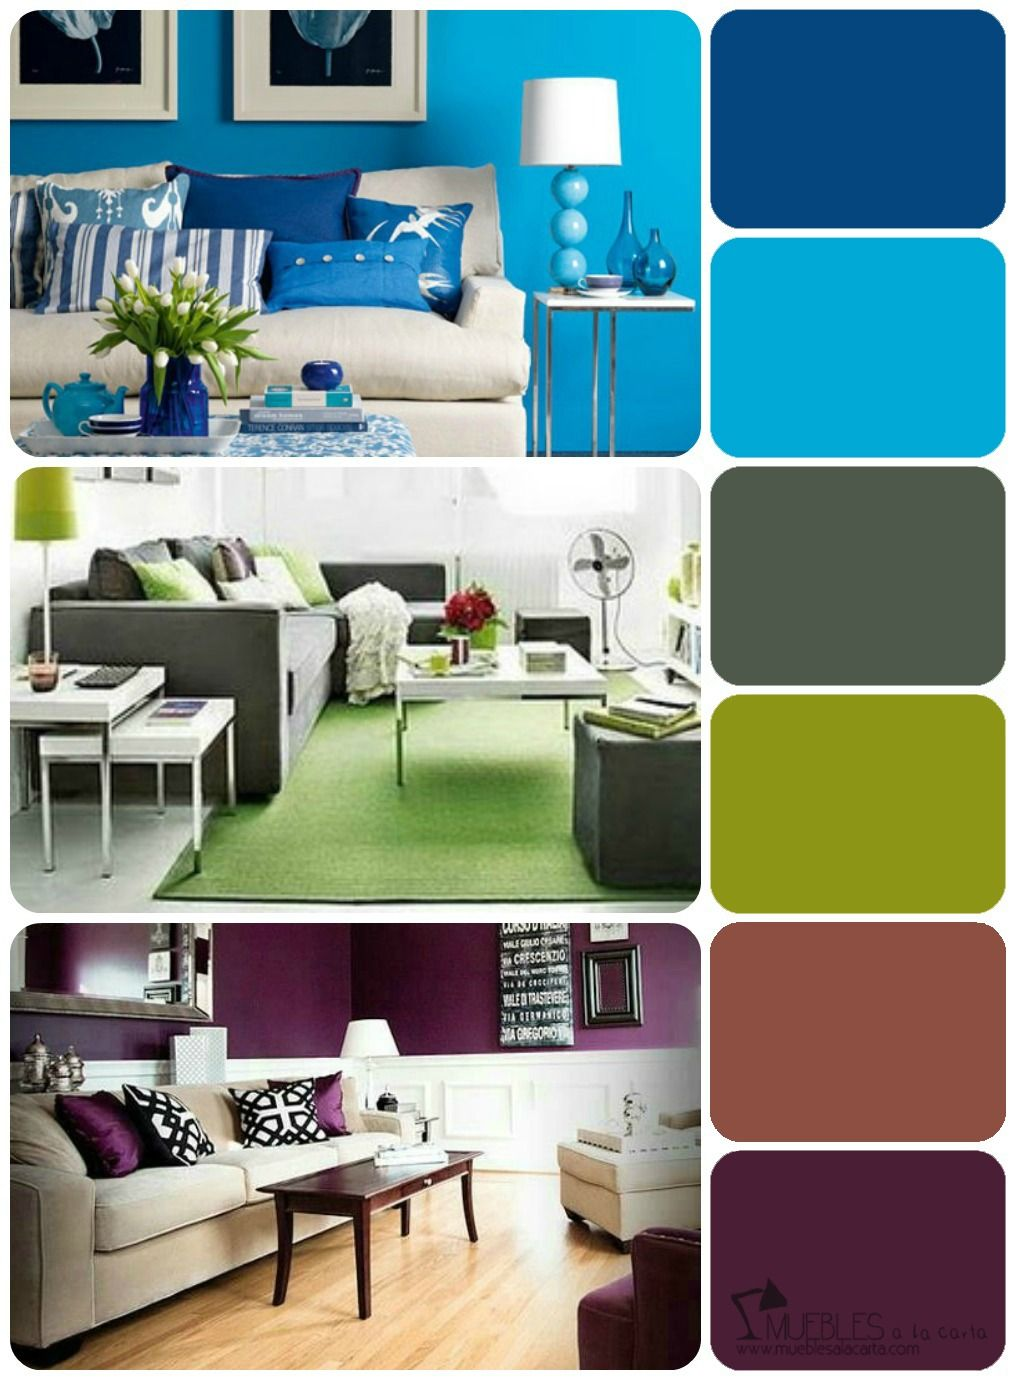 Gama de colores pintura buscar con google paleta de for Gama de colores pintura